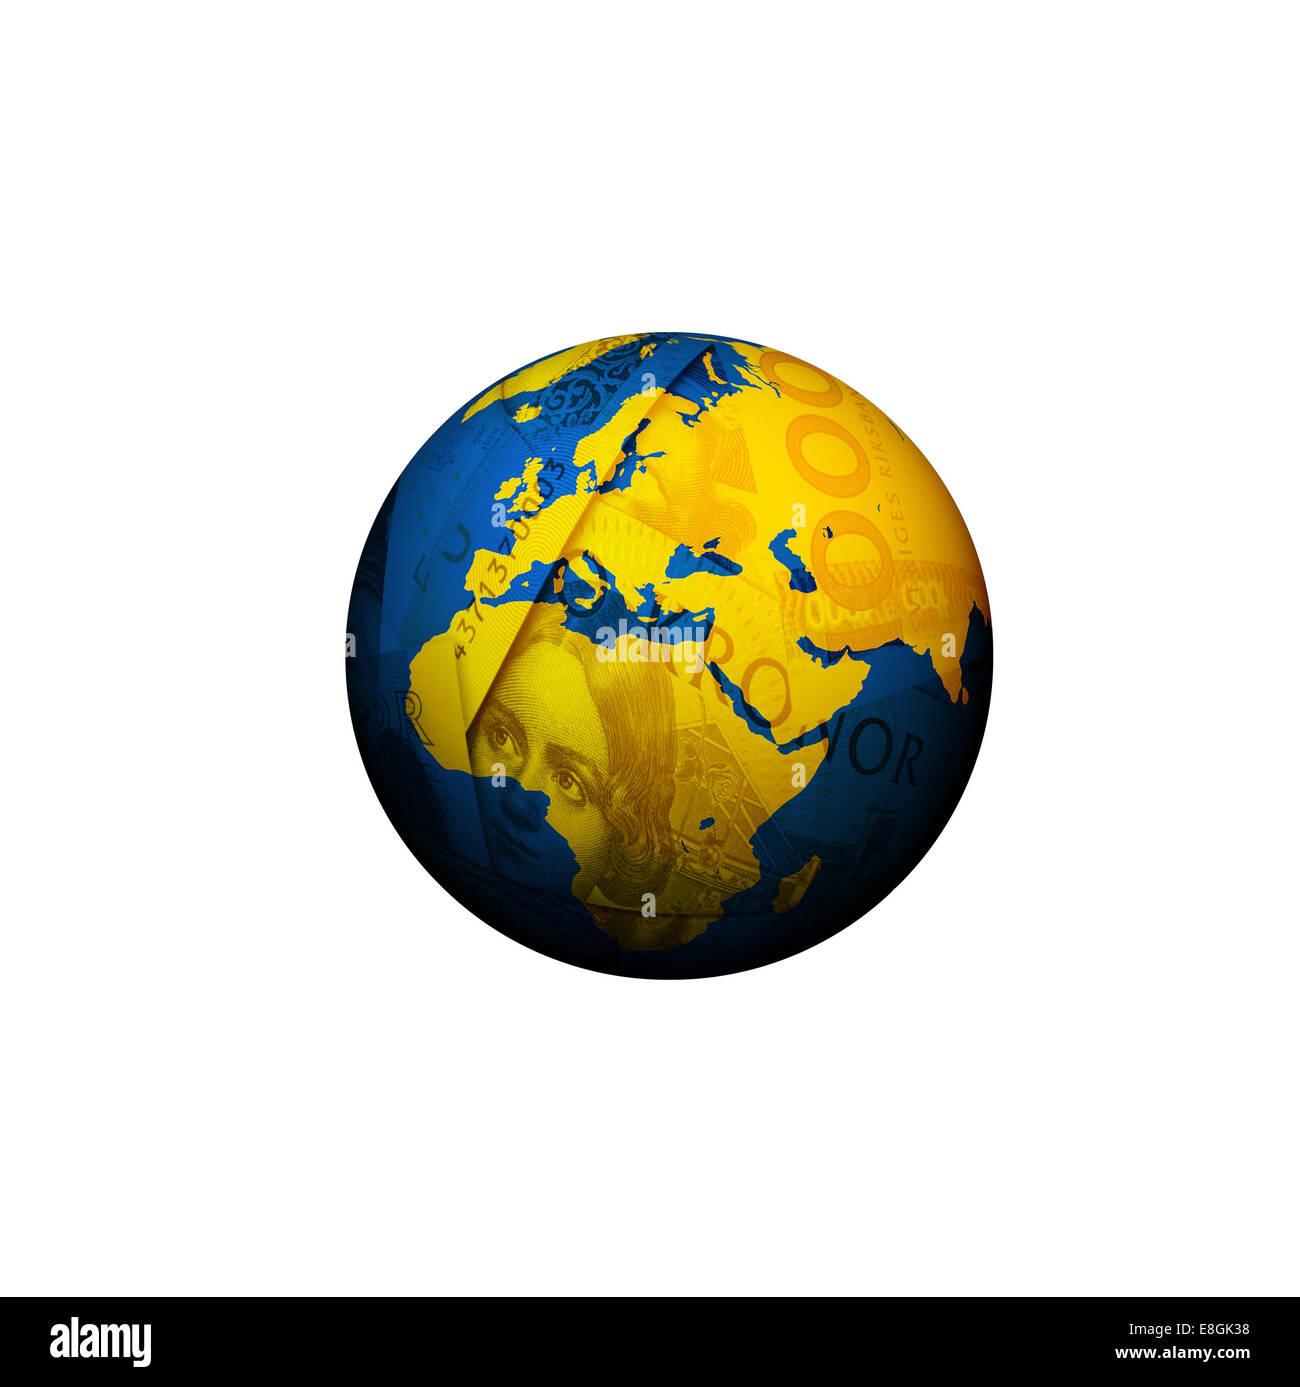 Digitally generated image of money globe - Stock Image